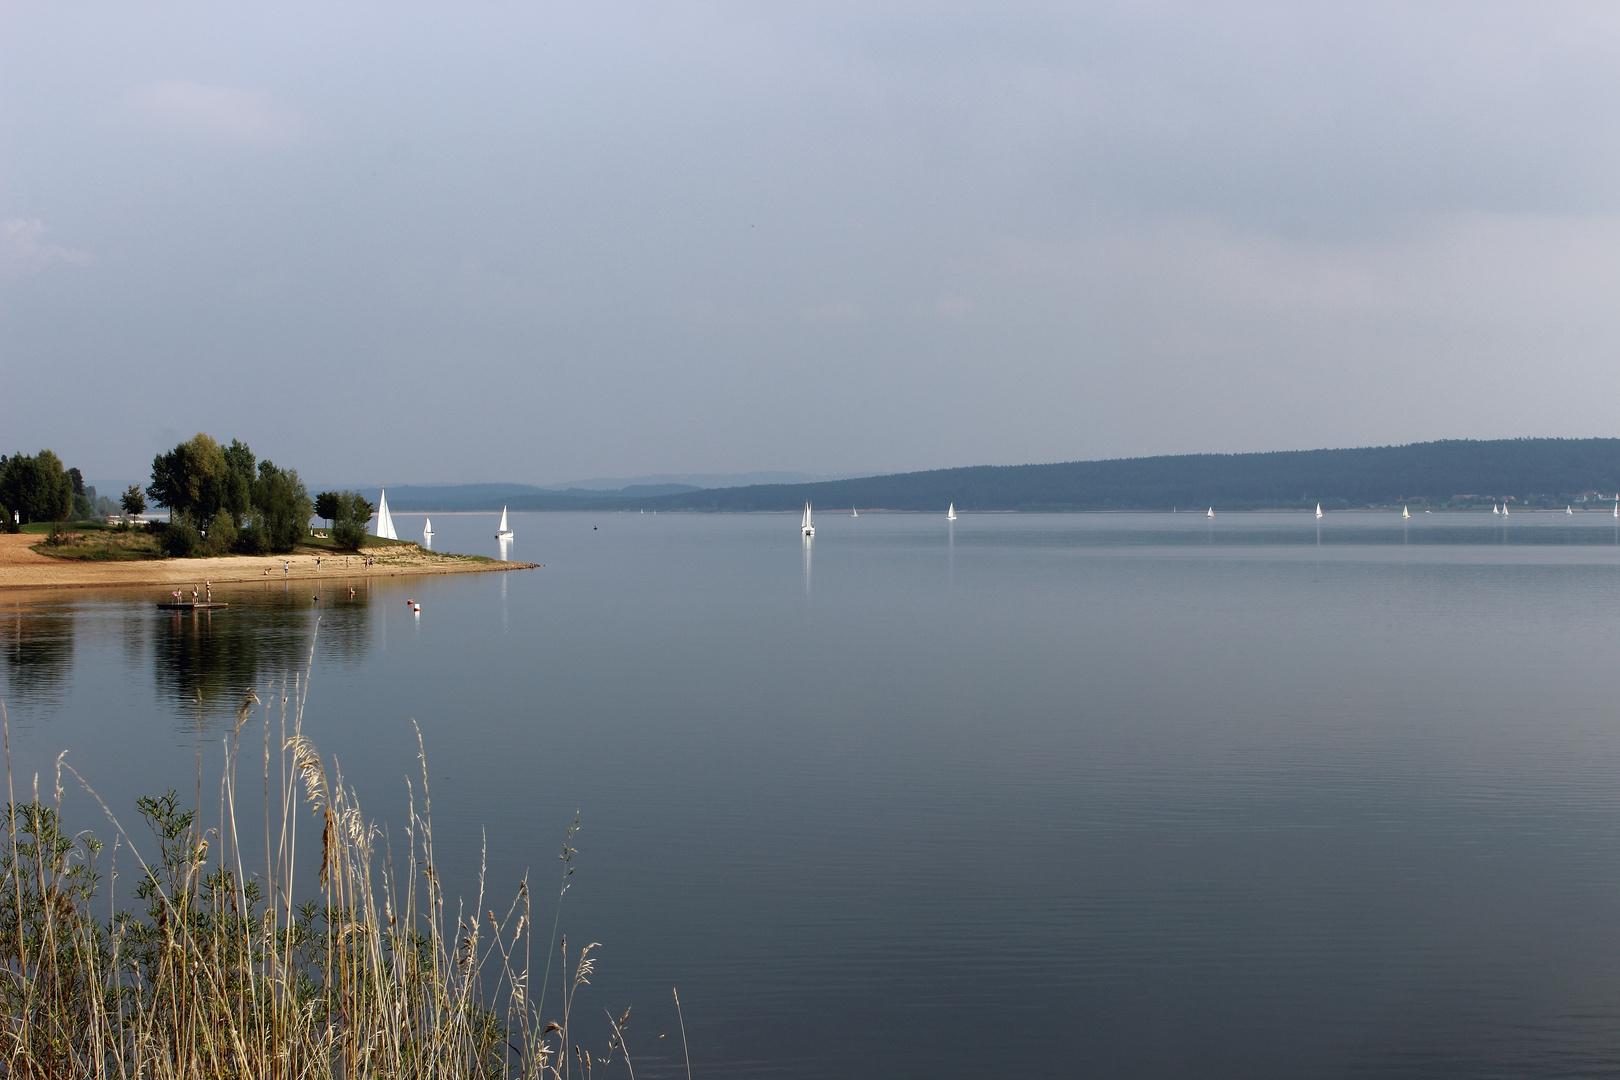 Ruhe und Erholung am See